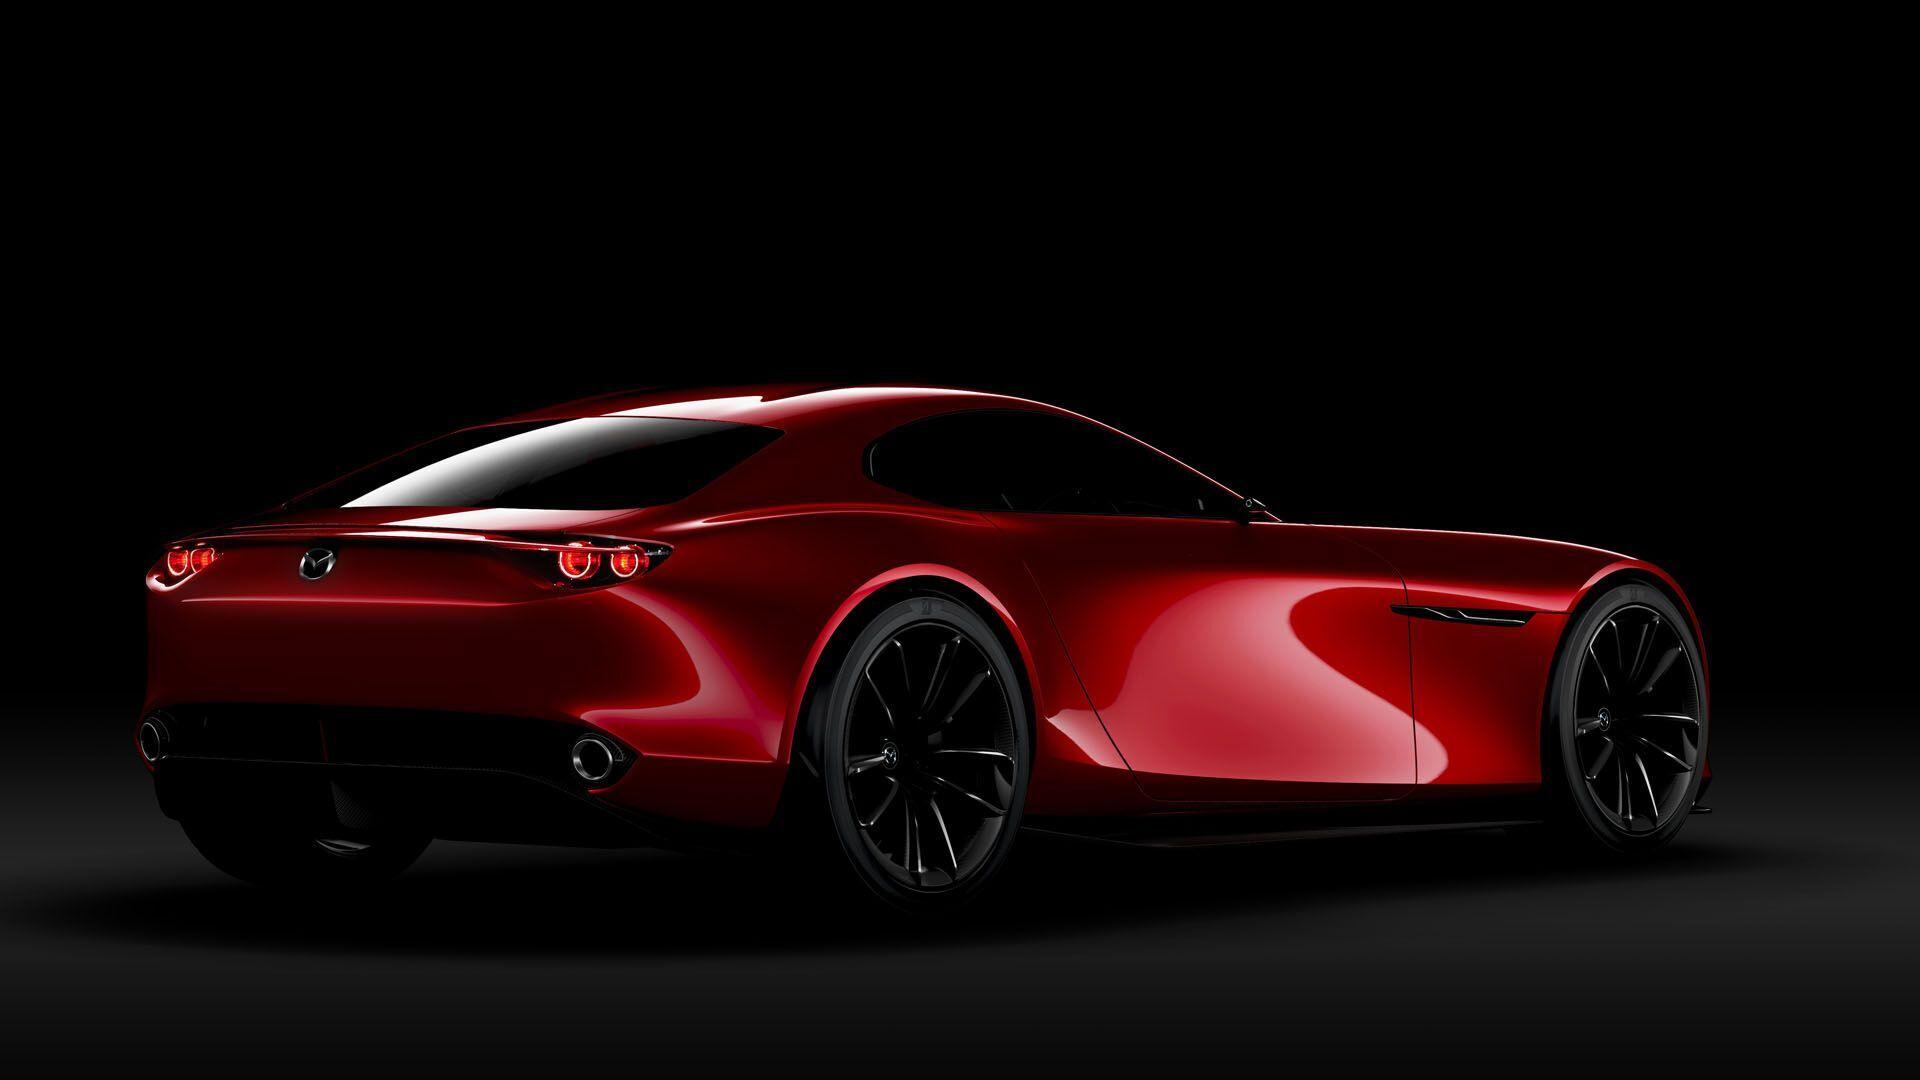 У надрах конструкторського бюро компанії ведуться роботи над створенням гібридного спорткара, прототипом якого стане концептуальне купе RX-Vision